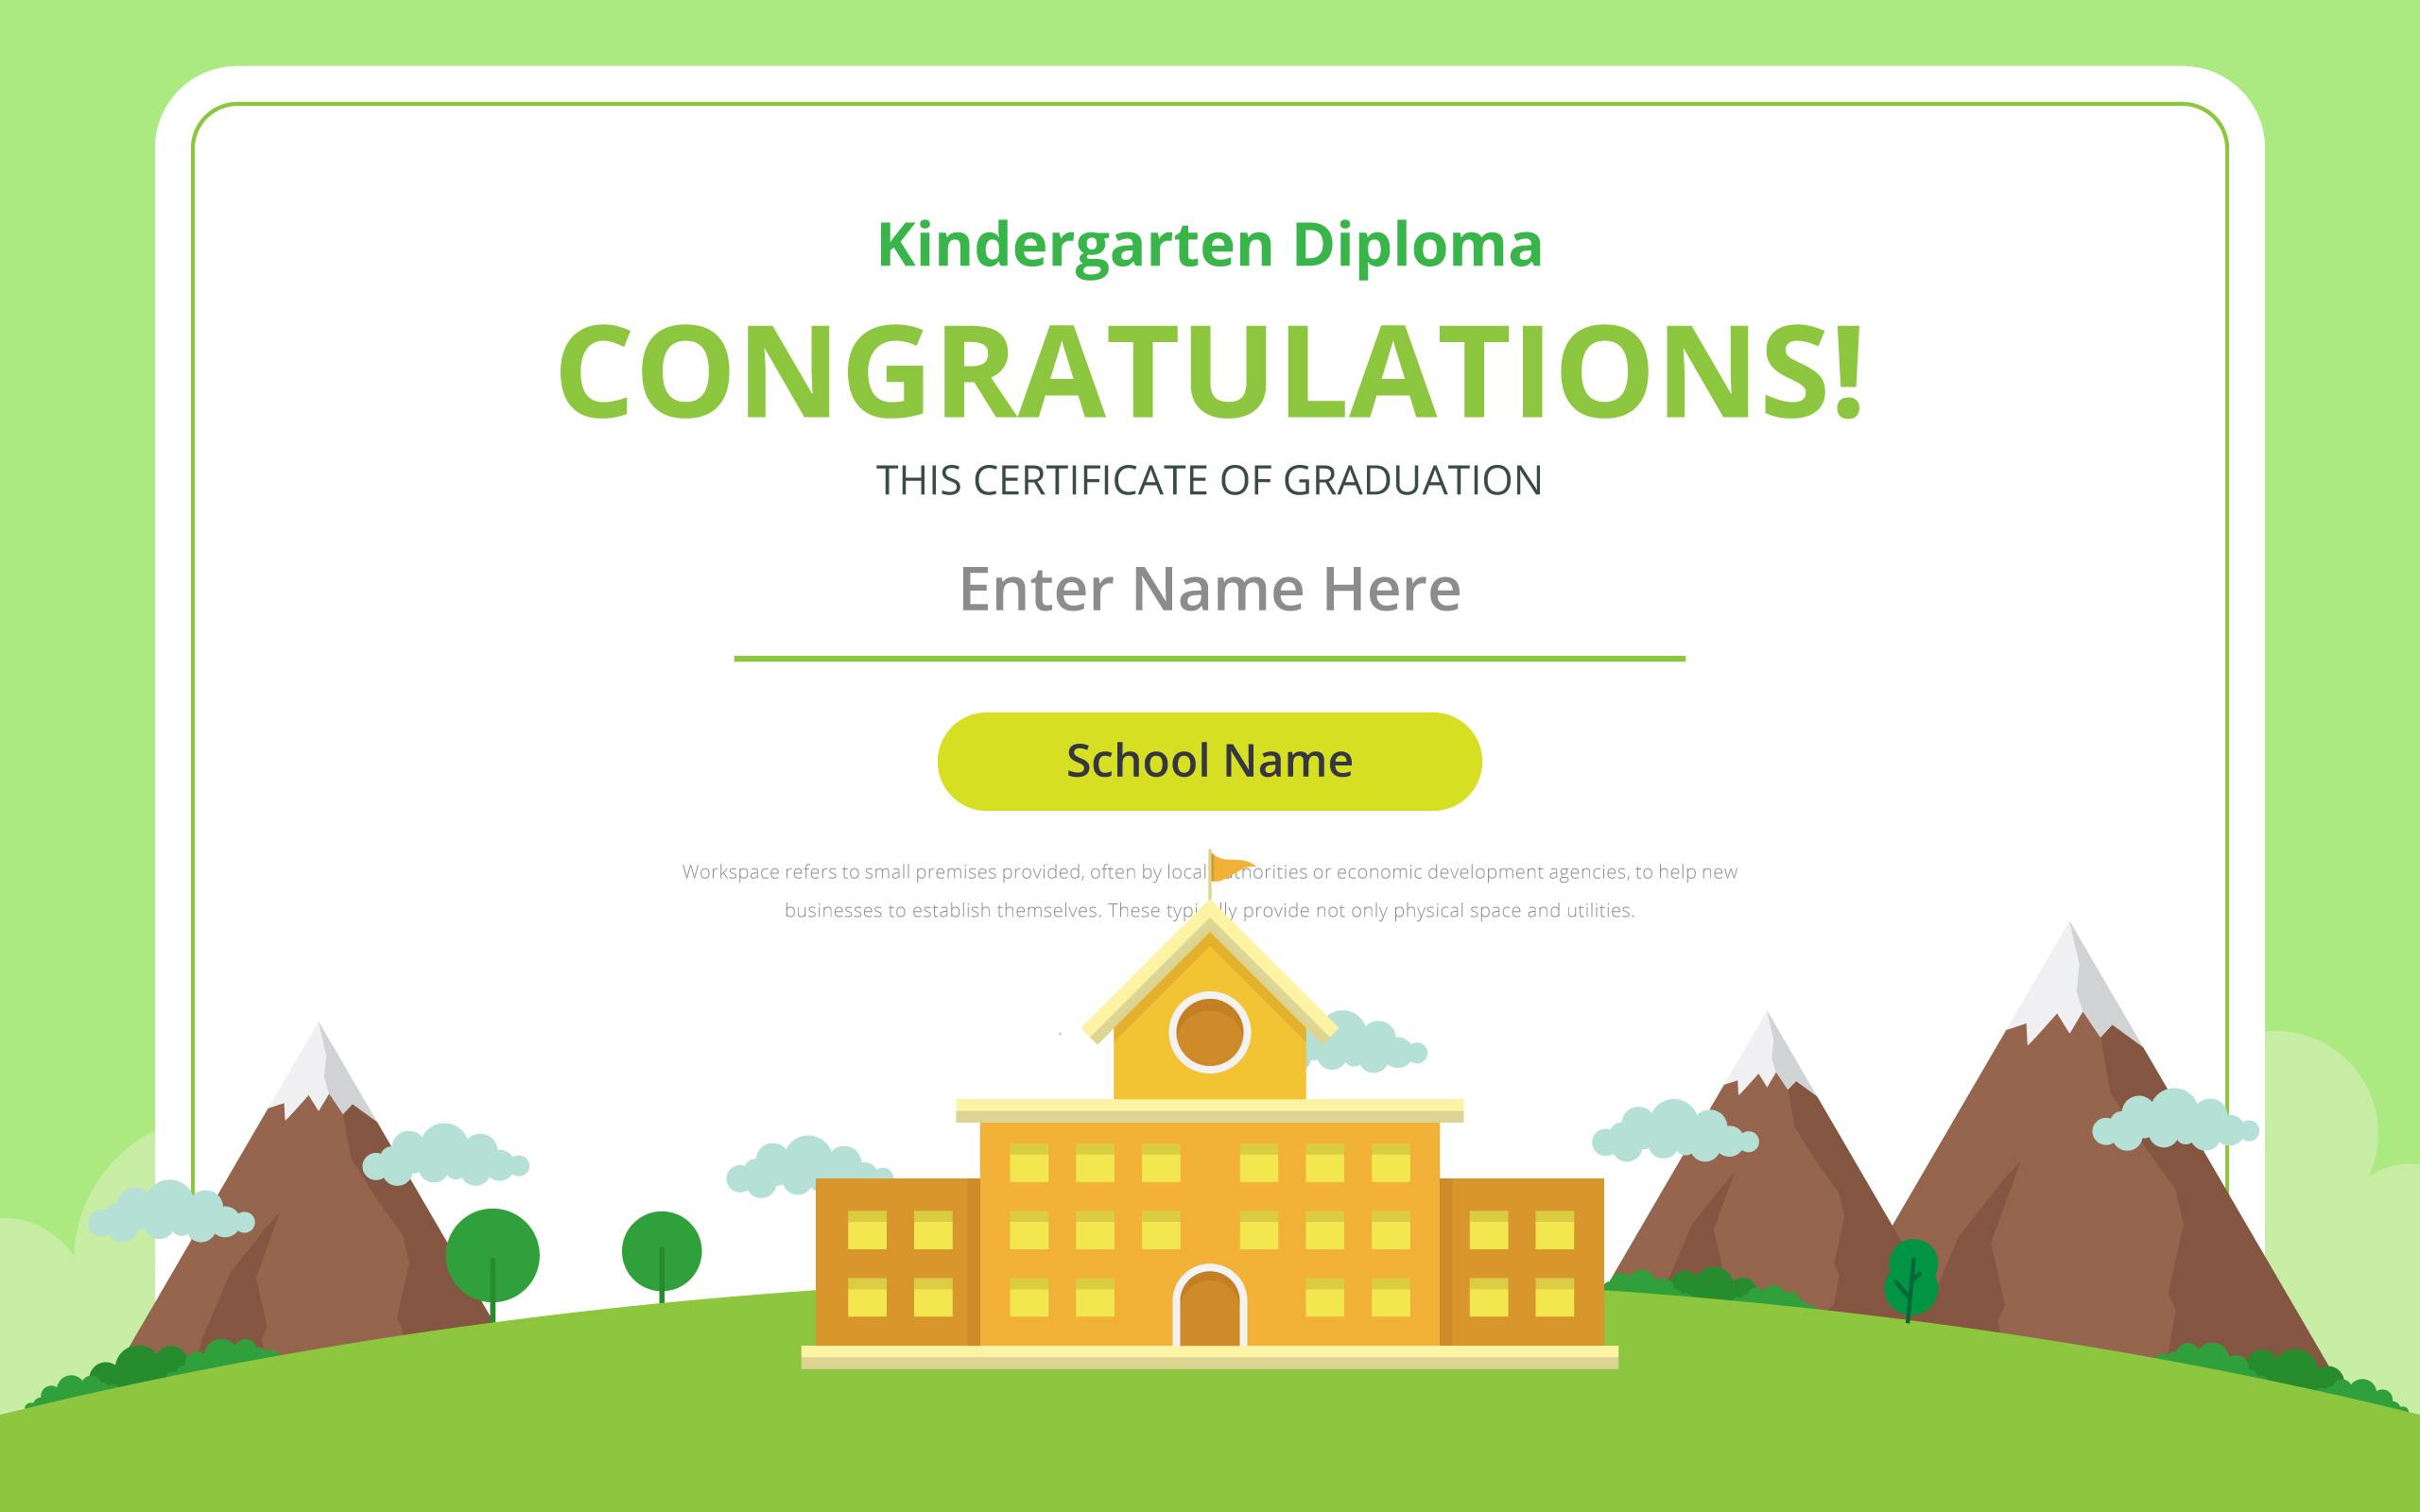 Kindergarten Diploma Certificate Template Download Free Vector Art